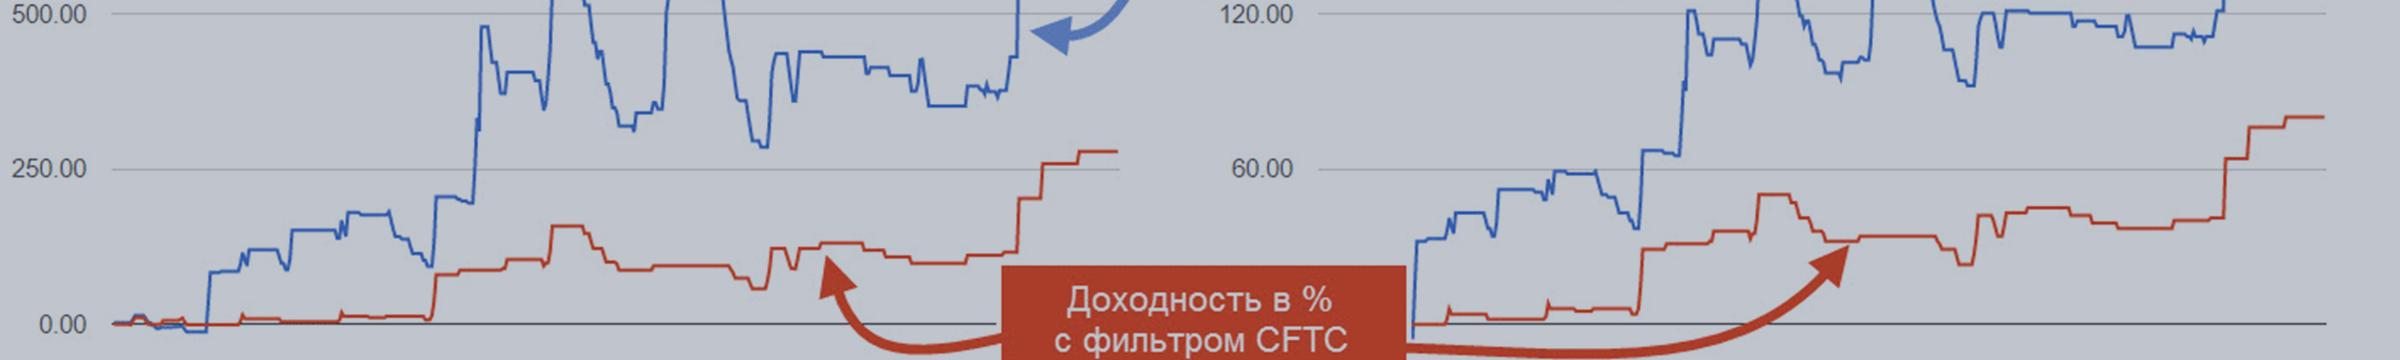 Использование отчетов CFTC. Роль индикатора СОТ в торговом плане